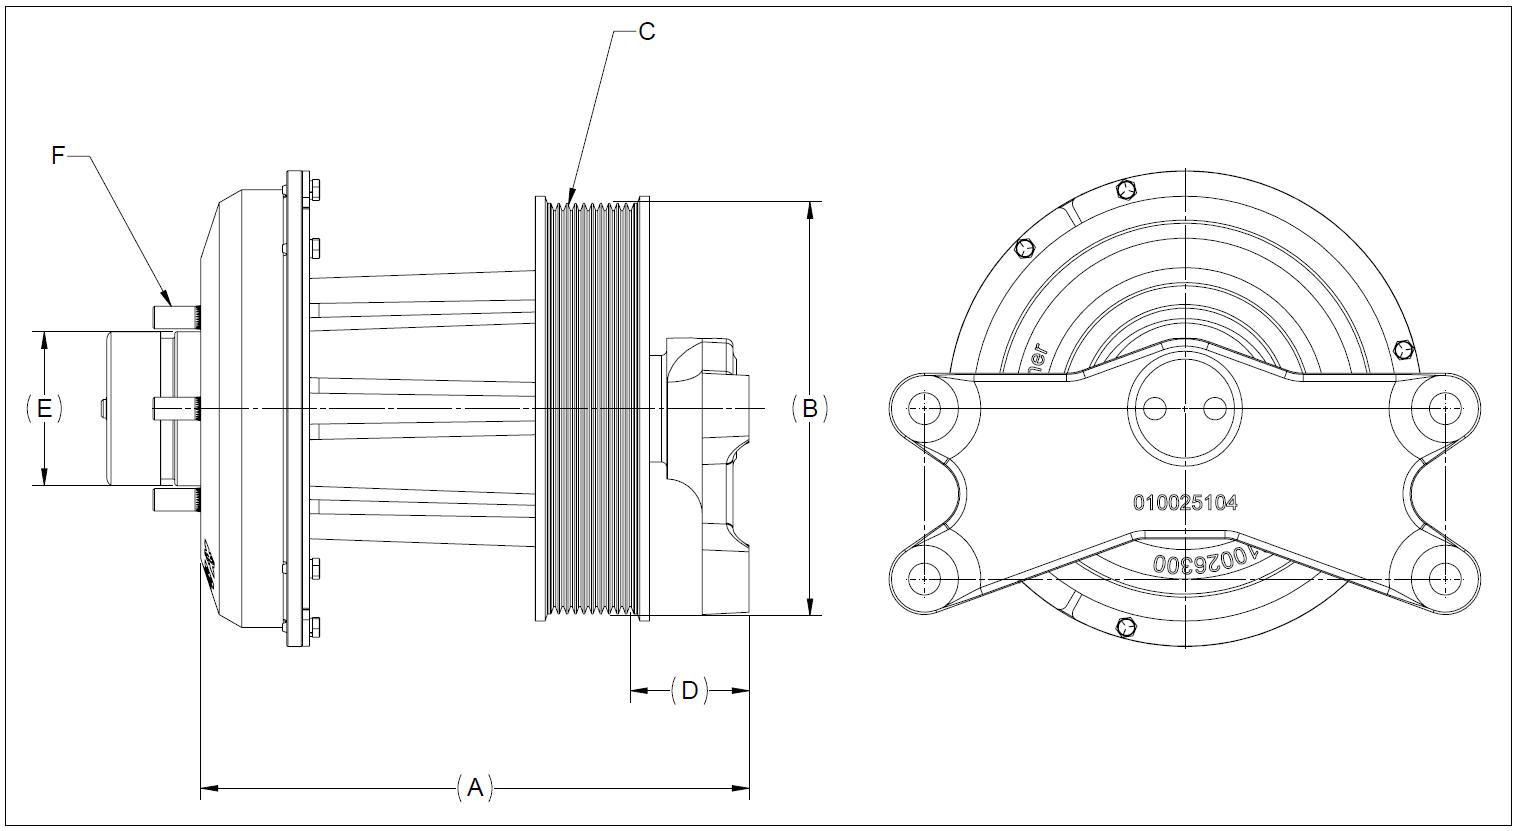 010026415 K30 Rear Air Fan Drive Assembly